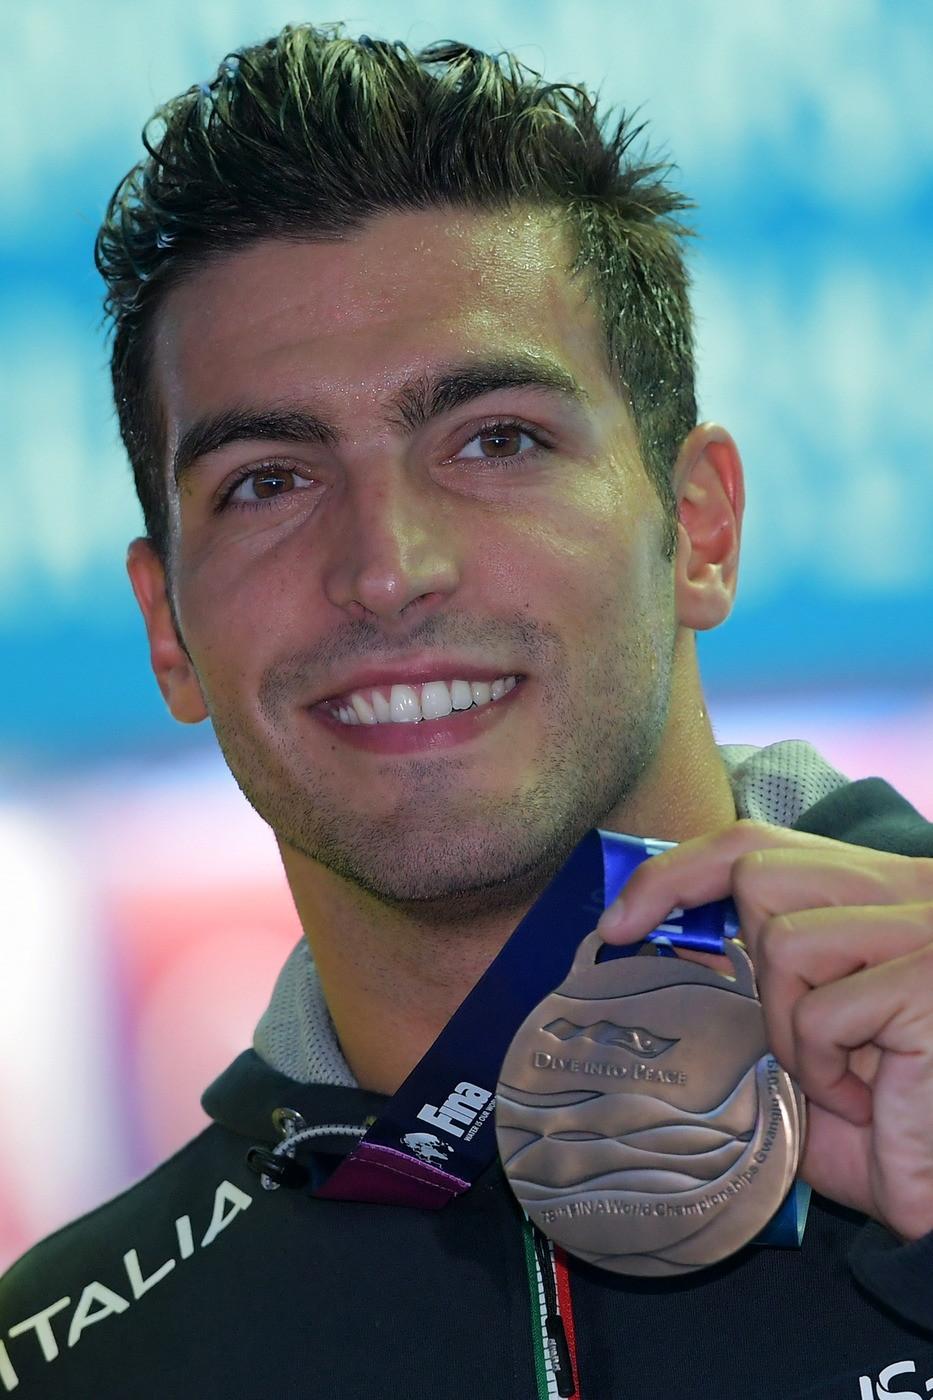 Gabriele Detti ha vinto la medaglia di bronzo nei 400 stile libero ai Mondiali di nuoto, in corso a Gwangju, in Corea del sud. Oro al cinese Sun Yang,...